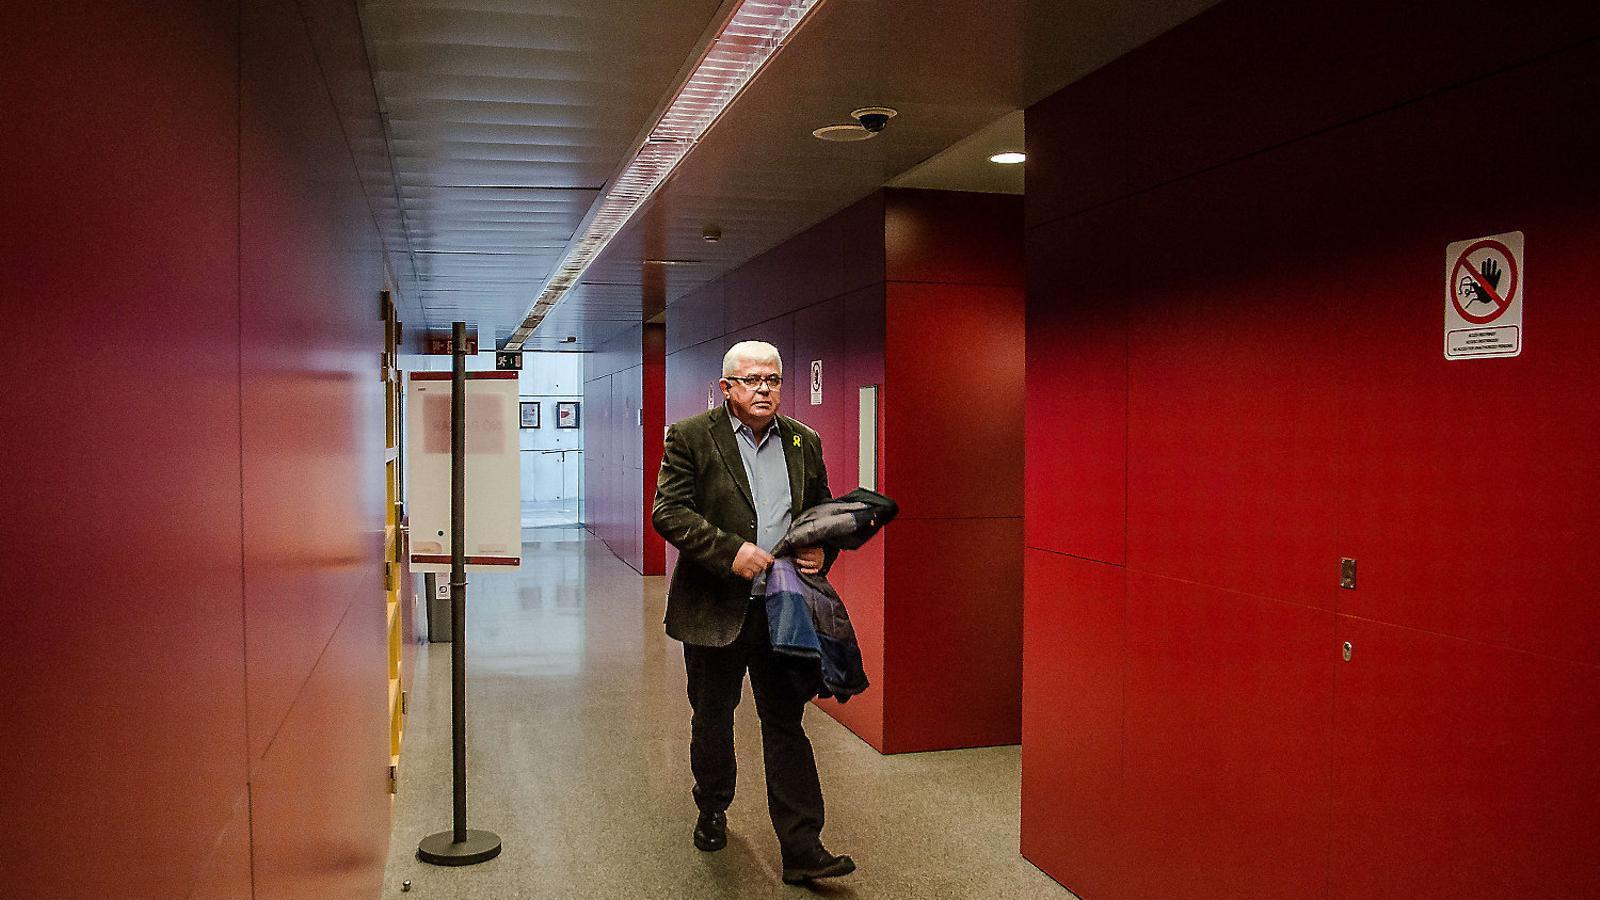 Agustí Alcoberro, que ha assumit les funcions de president des que Jordi Sànchez va ser empresonat a Soto del Real, a l'octubre, no podrà repetir el seu mandat.